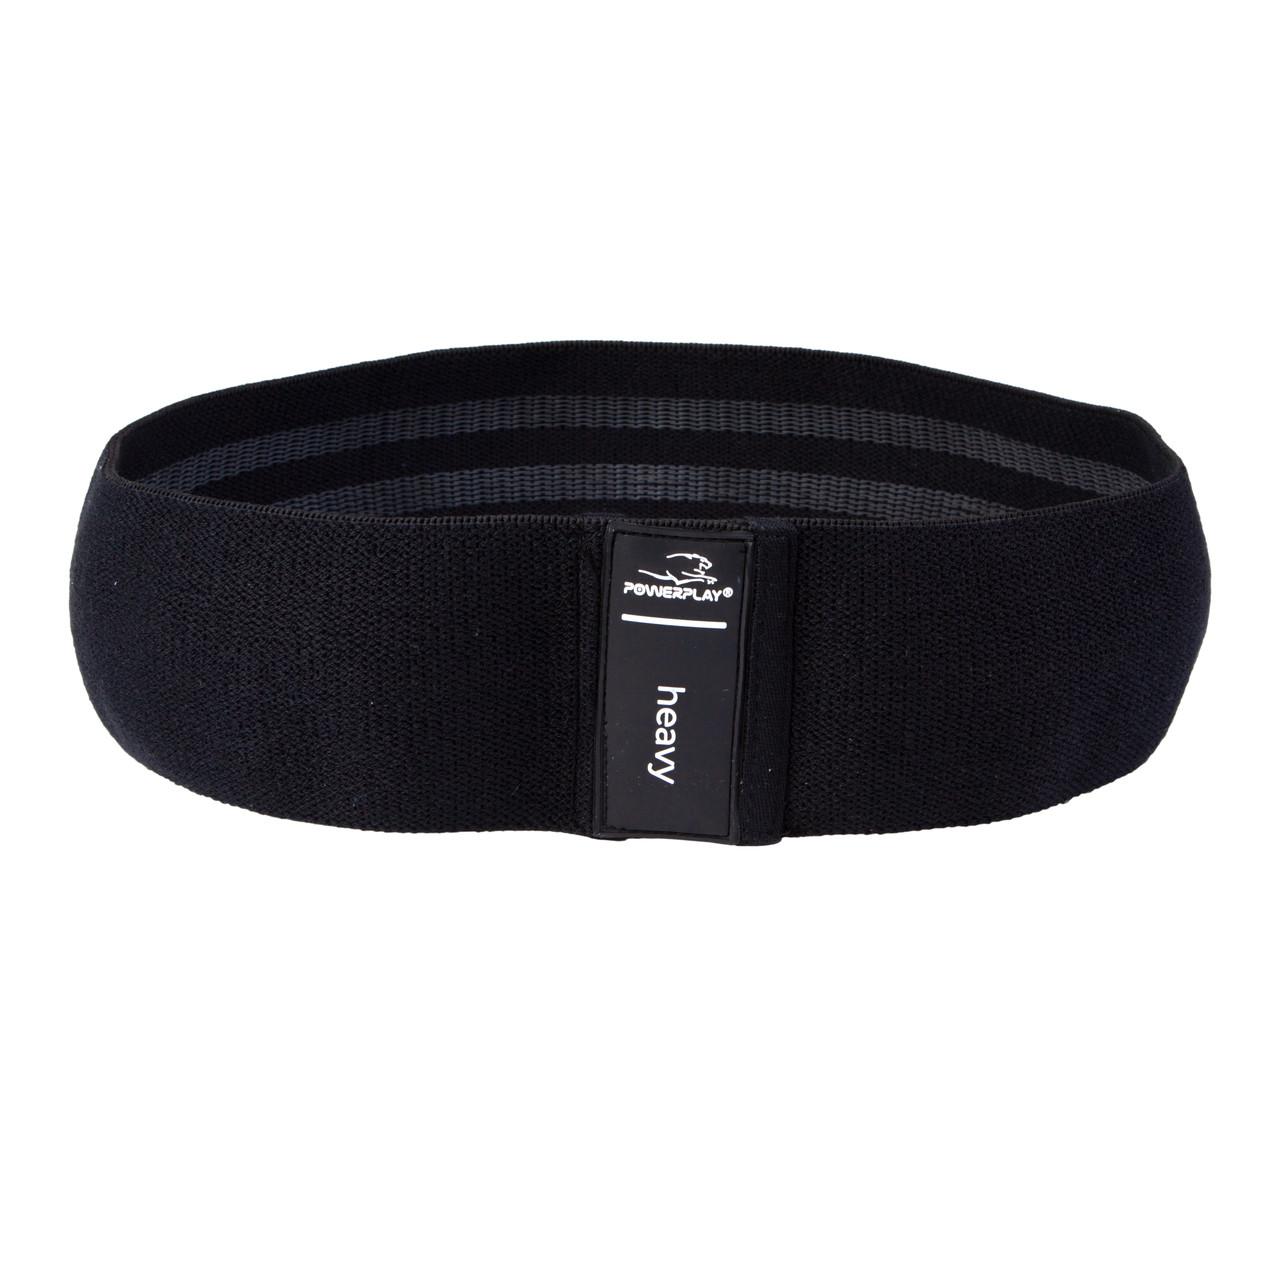 Гумка для фітнеса тканева PowerPlay 4111 L Чорний (d_84cm)